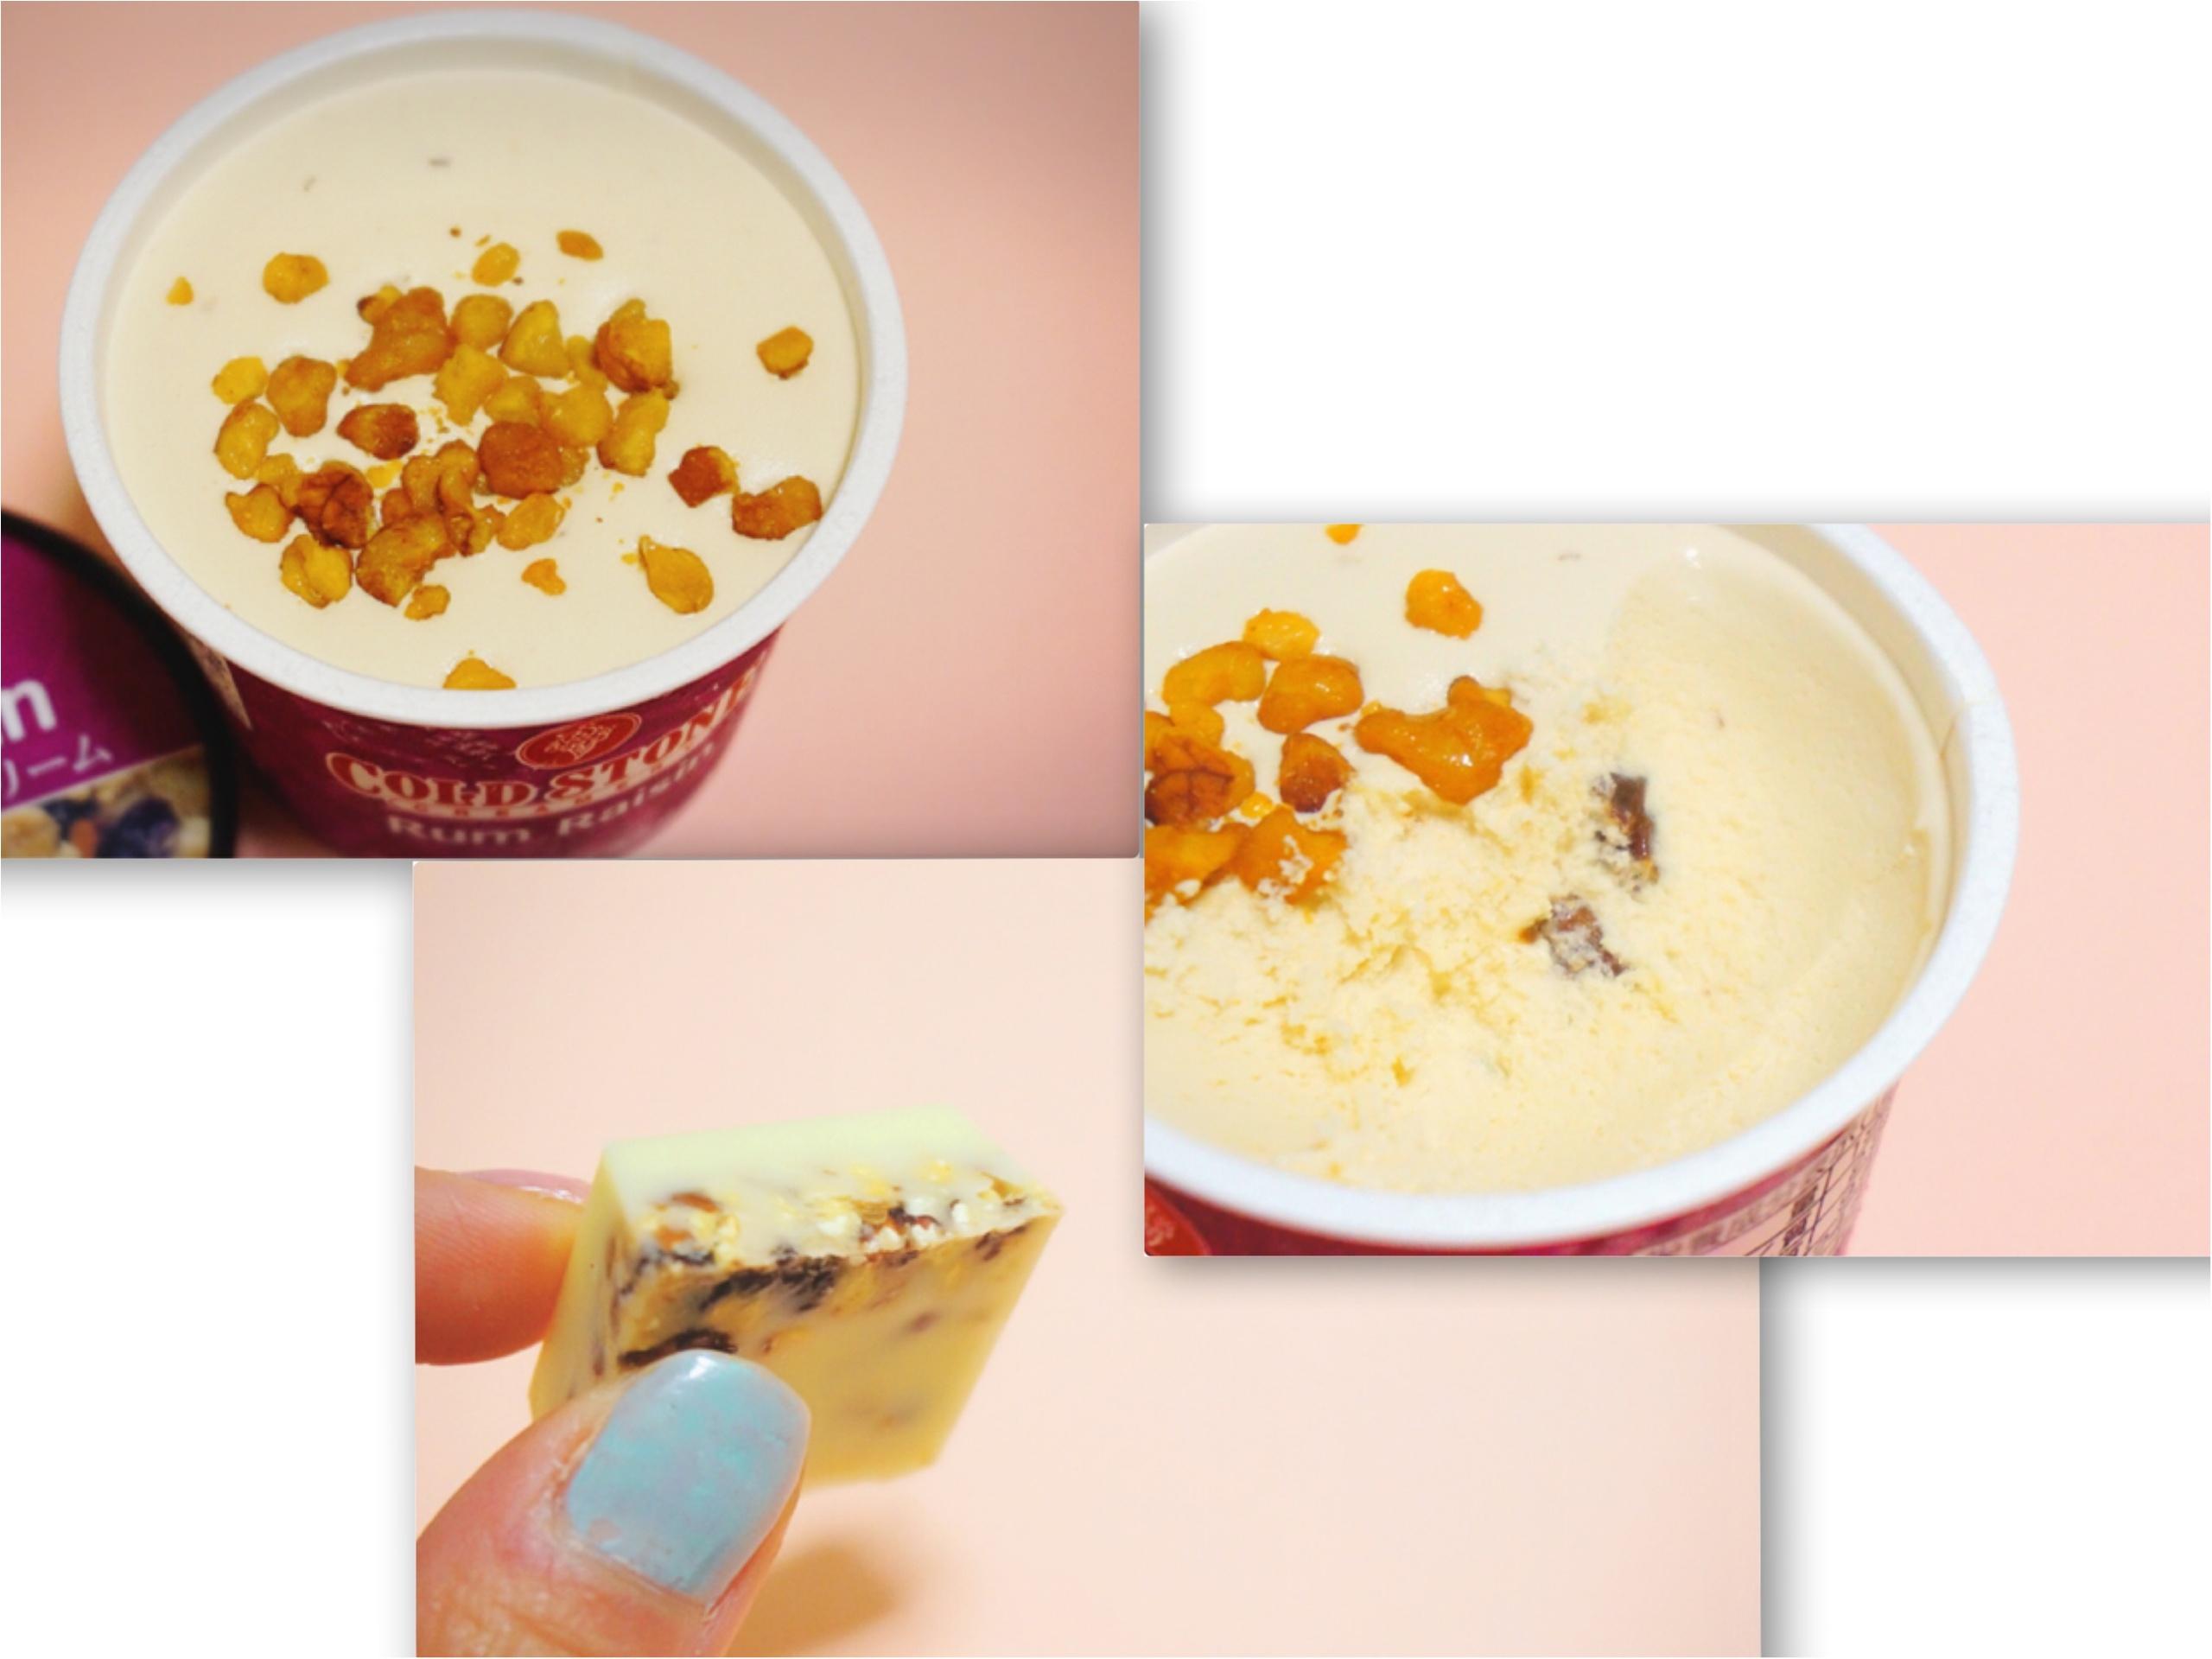 最近の【セブンイレブン限定アイス】がどれもこれもおいしすぎるっ❤️《今食べるべき冬アイス》3選!!_4